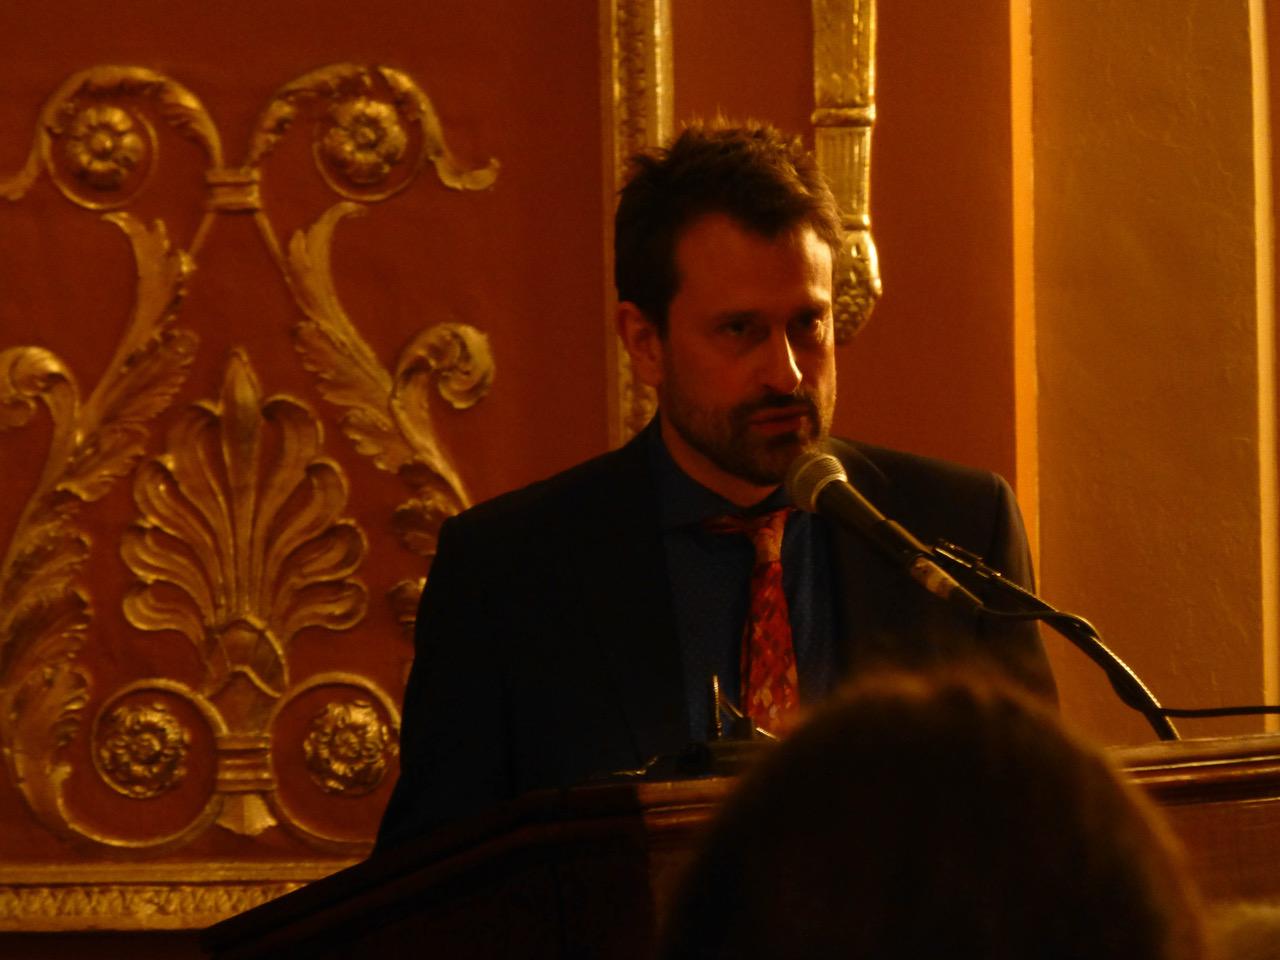 Composer Daniel Sonenberg at the pre-opera talk. Photo by Debra Rogers.